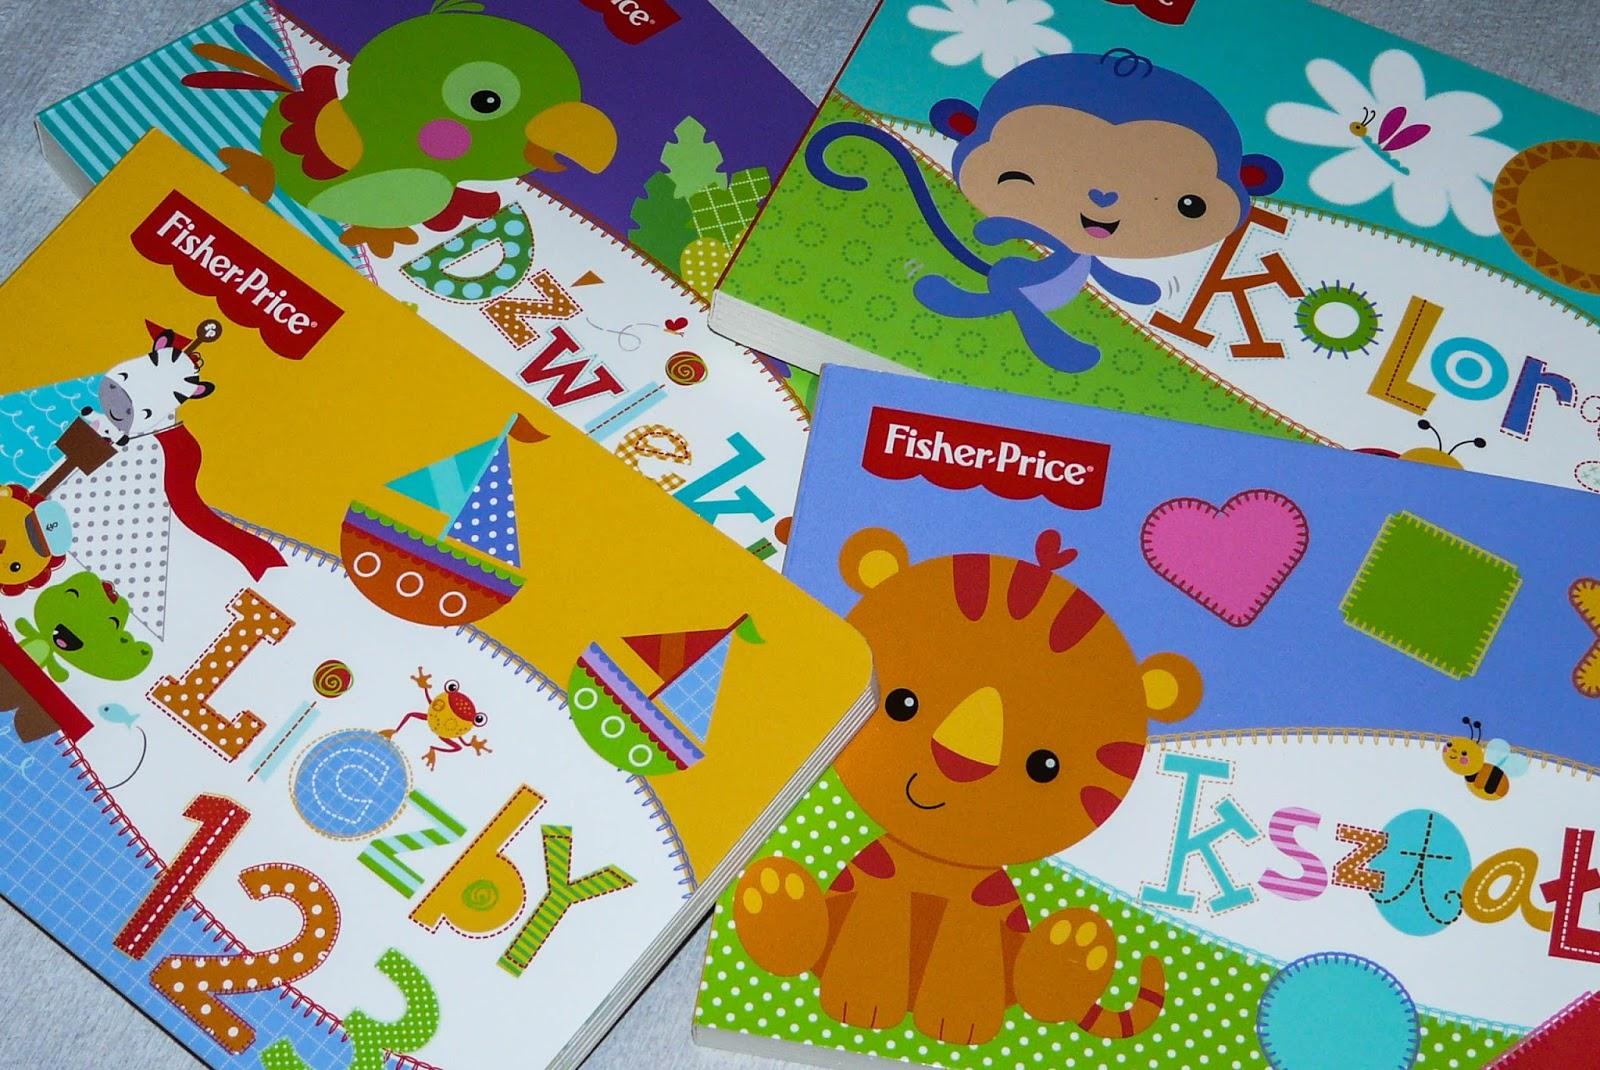 co czytać z roczniakiem, co czytać z dwulatkiem, książeczki edukacyjne dla maluchów